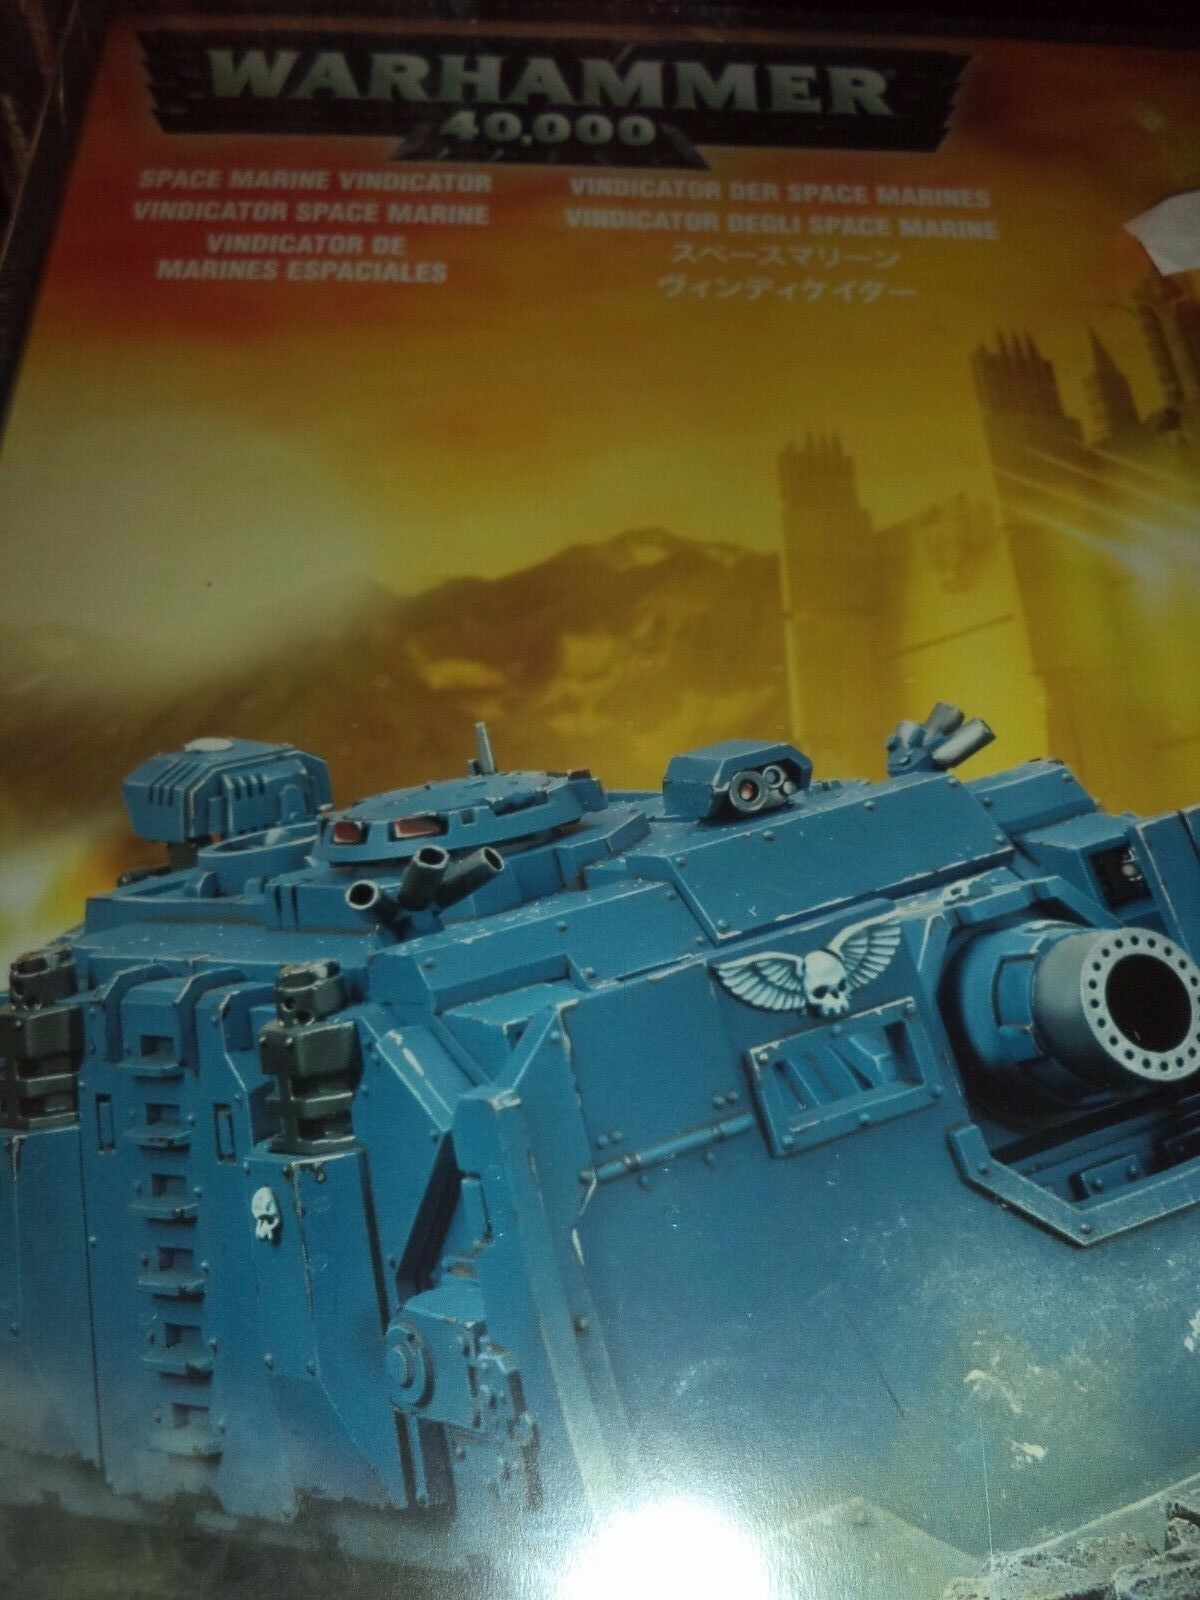 Space Marine Vindicator -- Warhammer 40k 40,000 spel verkstad modell New